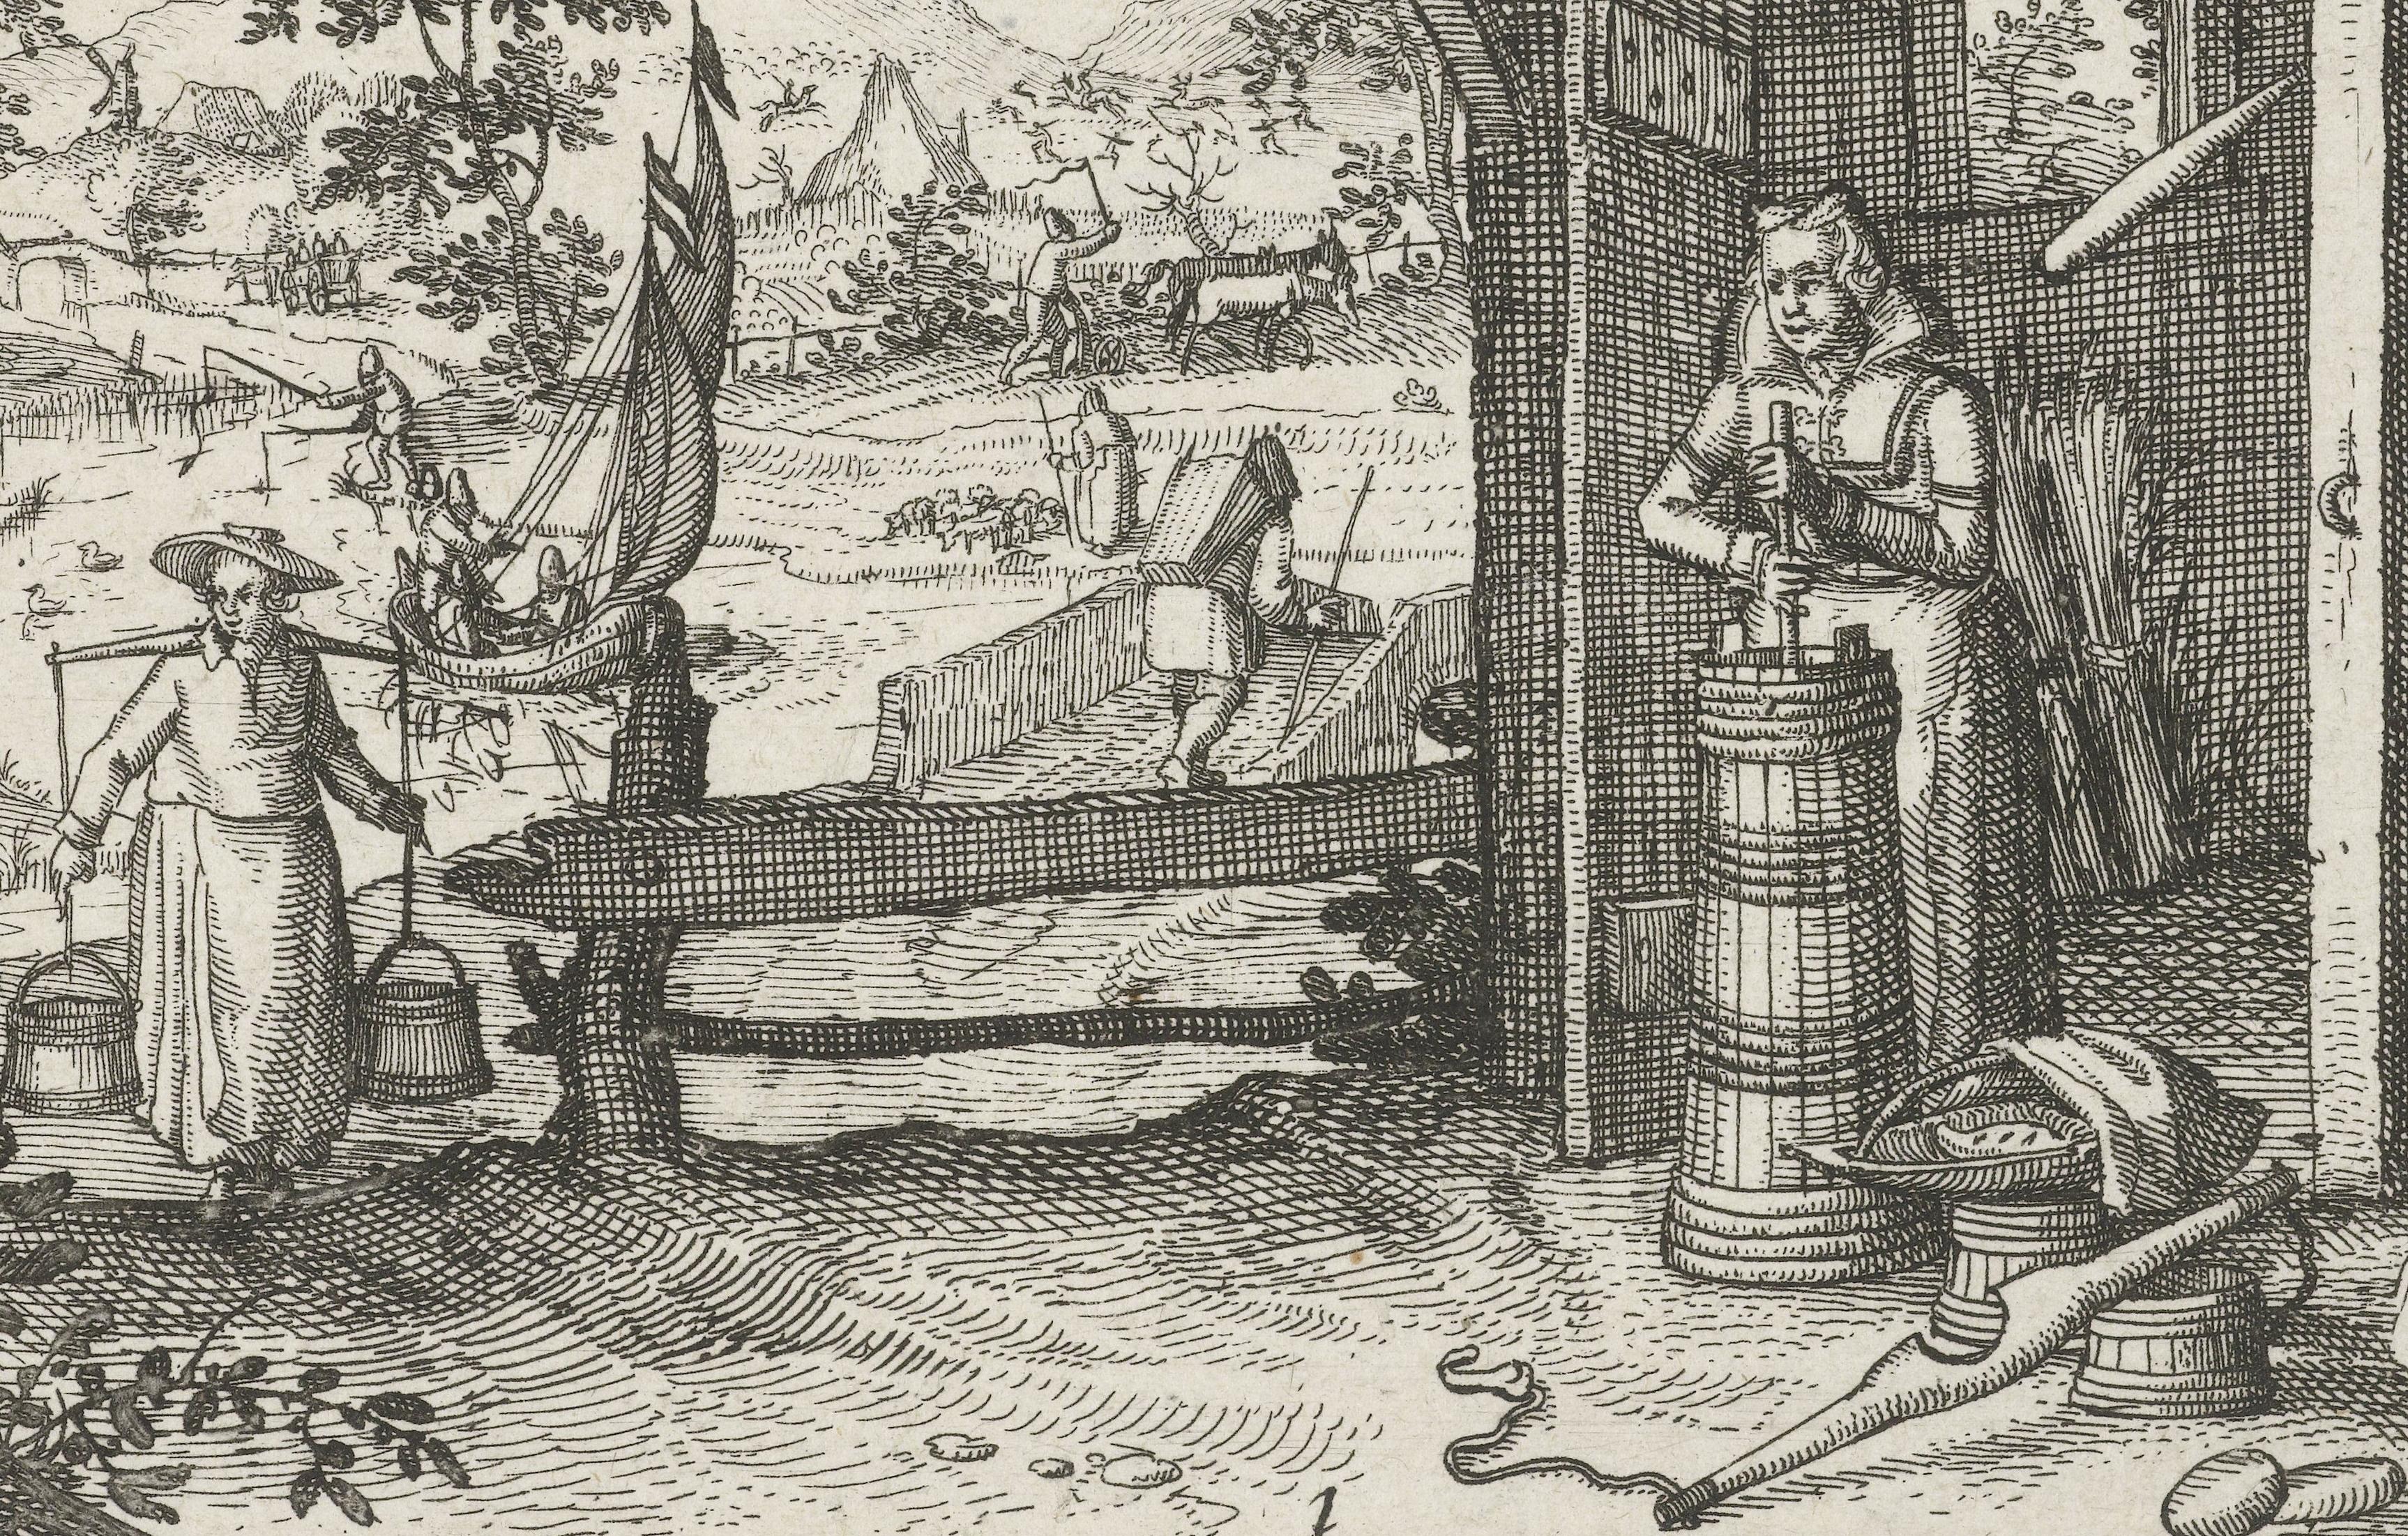 Een vrouw is boter aan het karnen. Links komt een vrouw met een voorraad melk, dragend met een melkjuk (circa 1608).